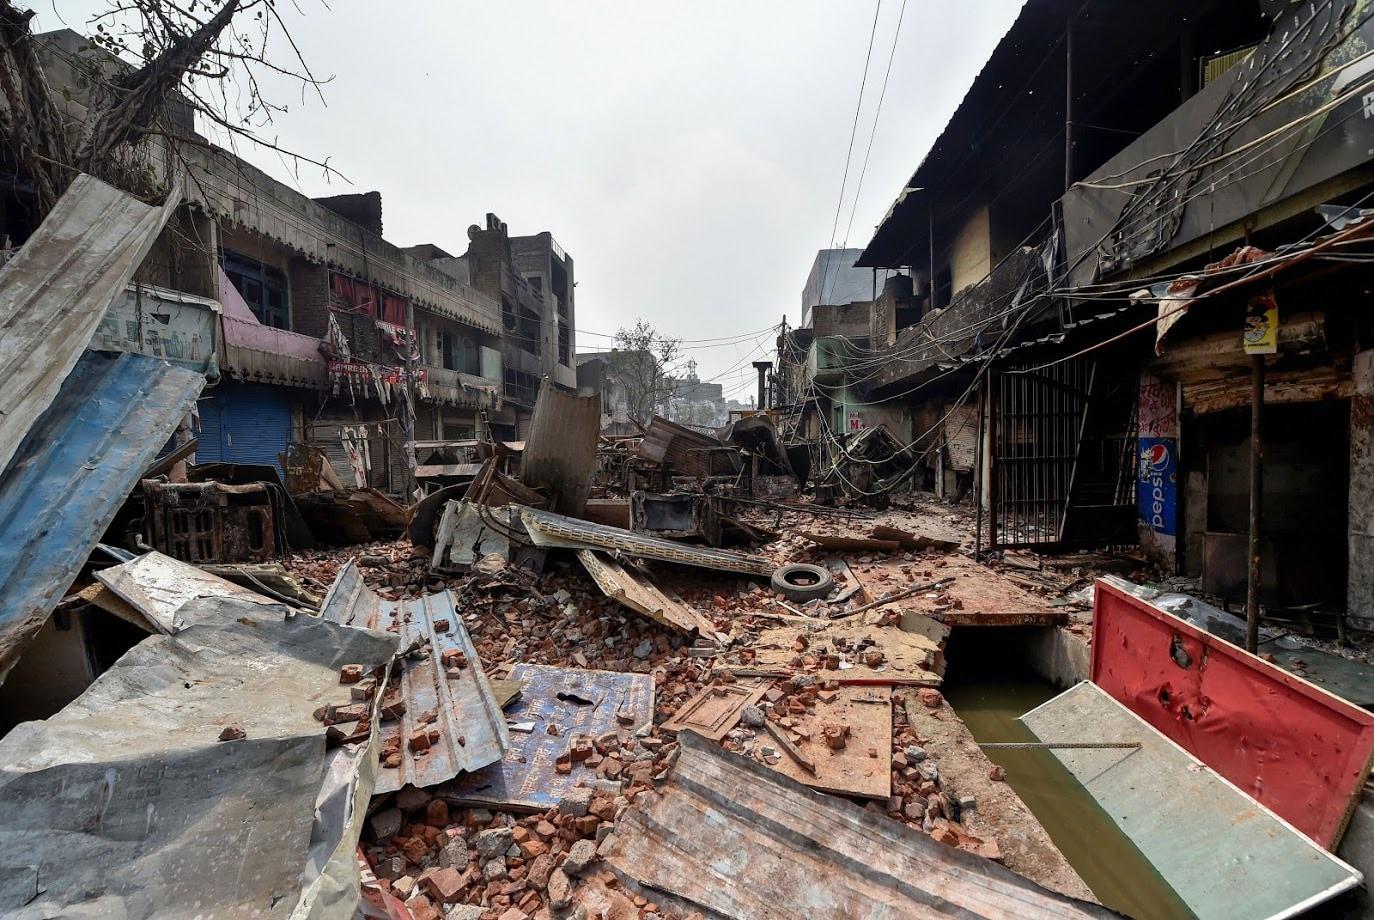 فسادات متاثر شمال مشرقی دہلی کے علاقے بھاگیرتی وہار علاقے میں ہنگامے کے دوران پڑے اینٹ پتھر۔ شرپسندوں نے اس دوران متعدد دکانوں کوآگ کے حوالے کردیا۔